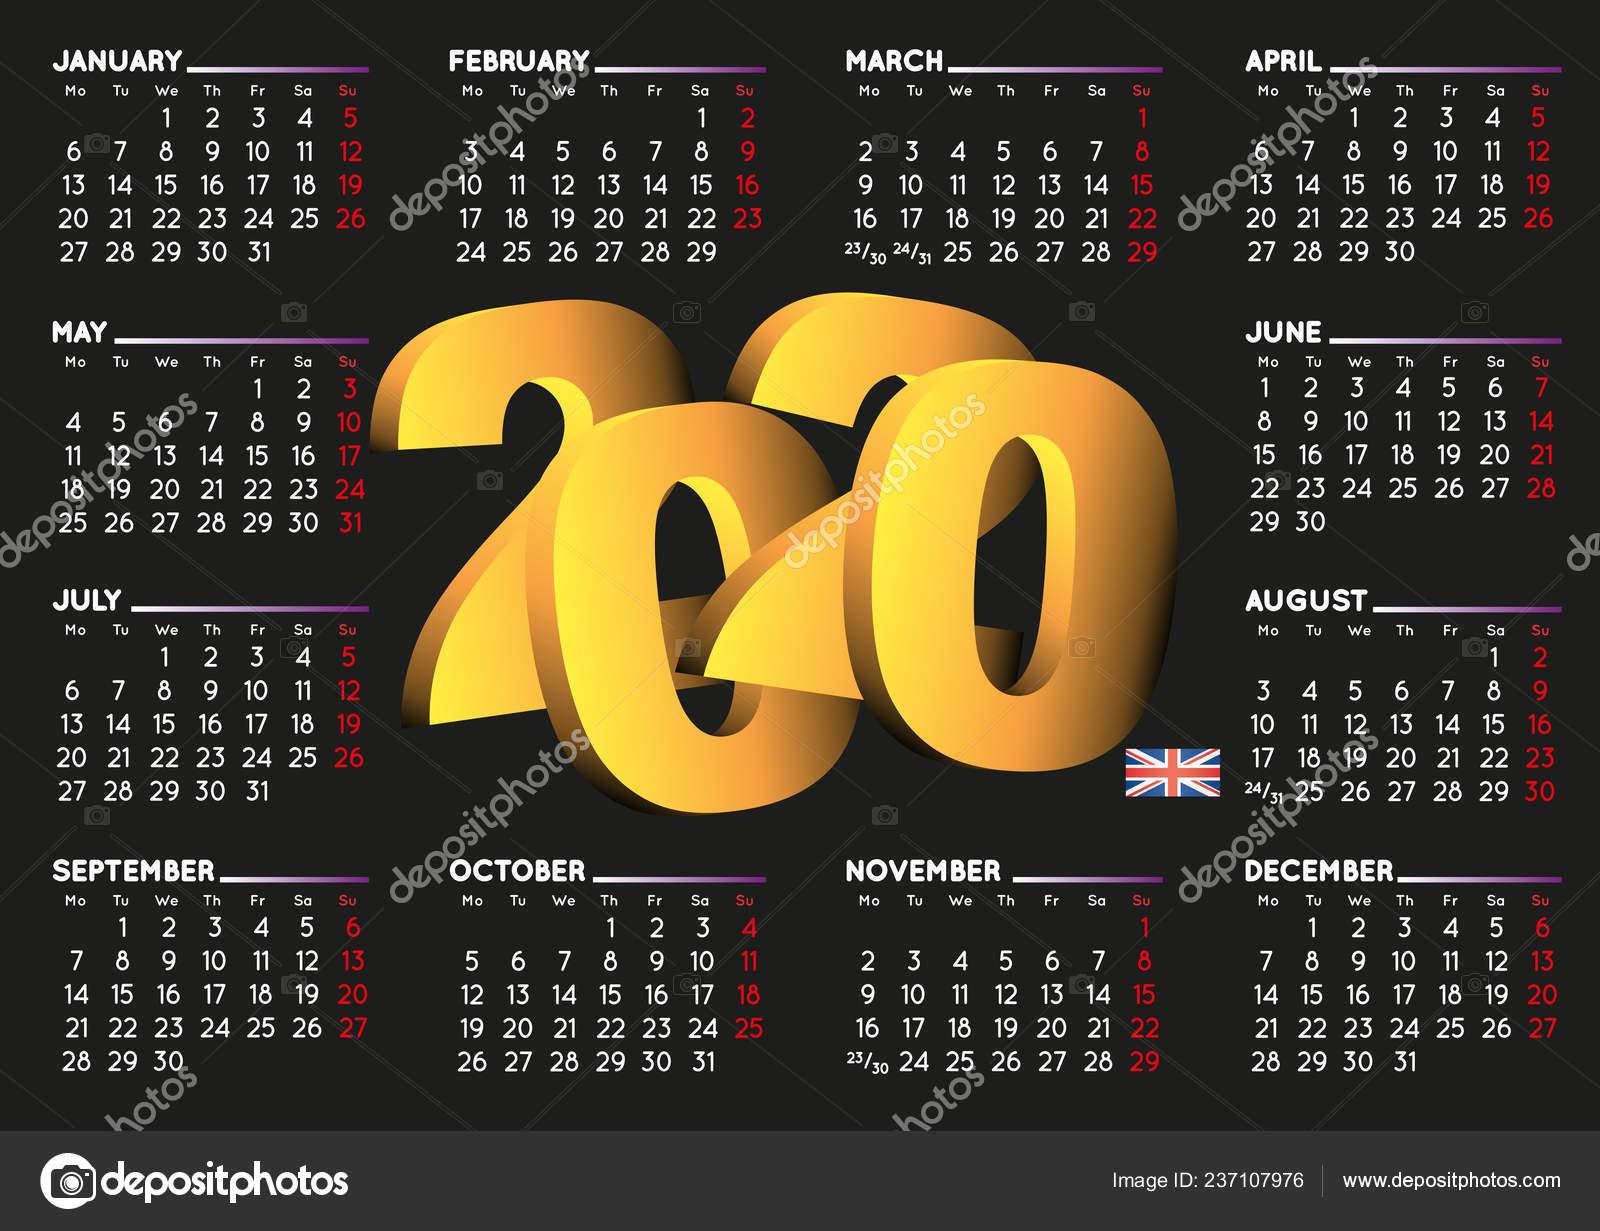 Calendario 2020 Semanas.Calendario 2020 Preto Ingles Calendario Ano 2020 Calendario